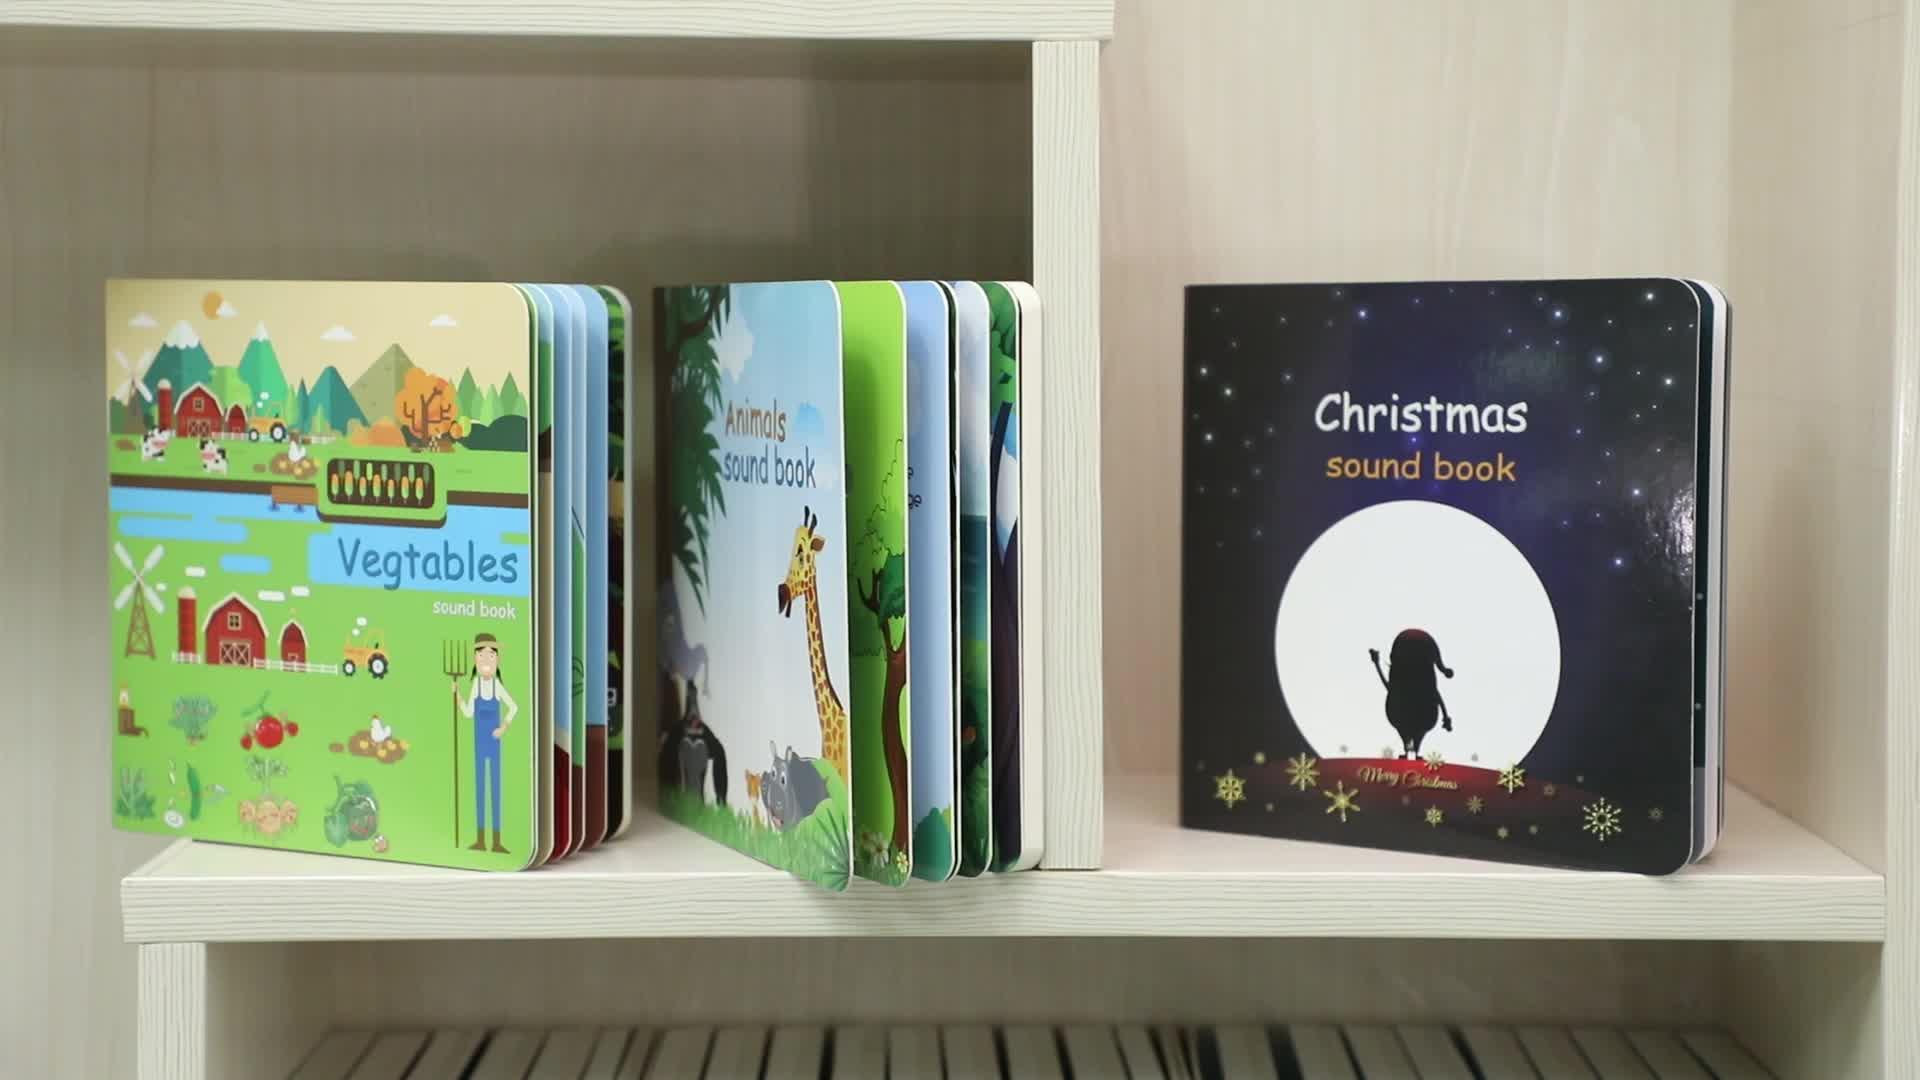 In età prescolare Educativi Personalizzato libro Sano per i bambini di Apprendimento